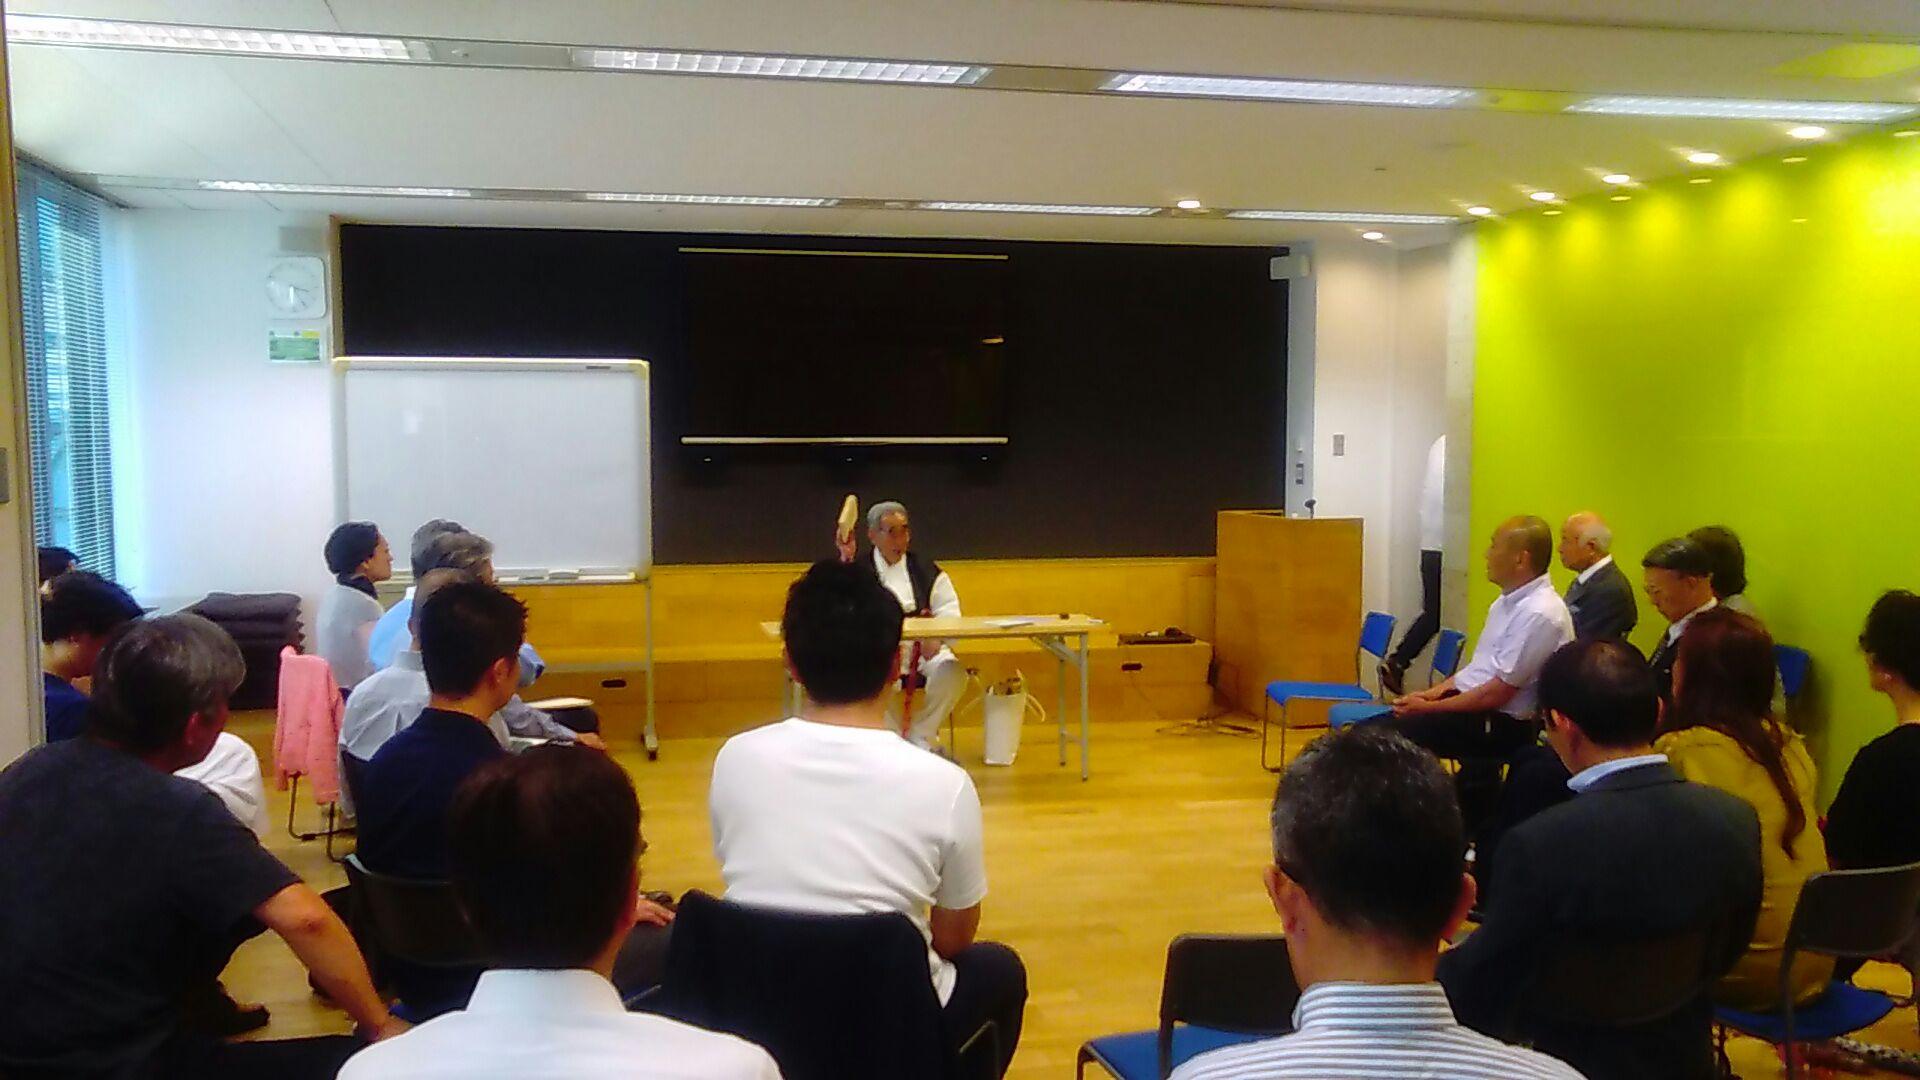 179828 - 第5回東京思風塾「使命を見つけ出すための6つの問いとは」をテーマに開催